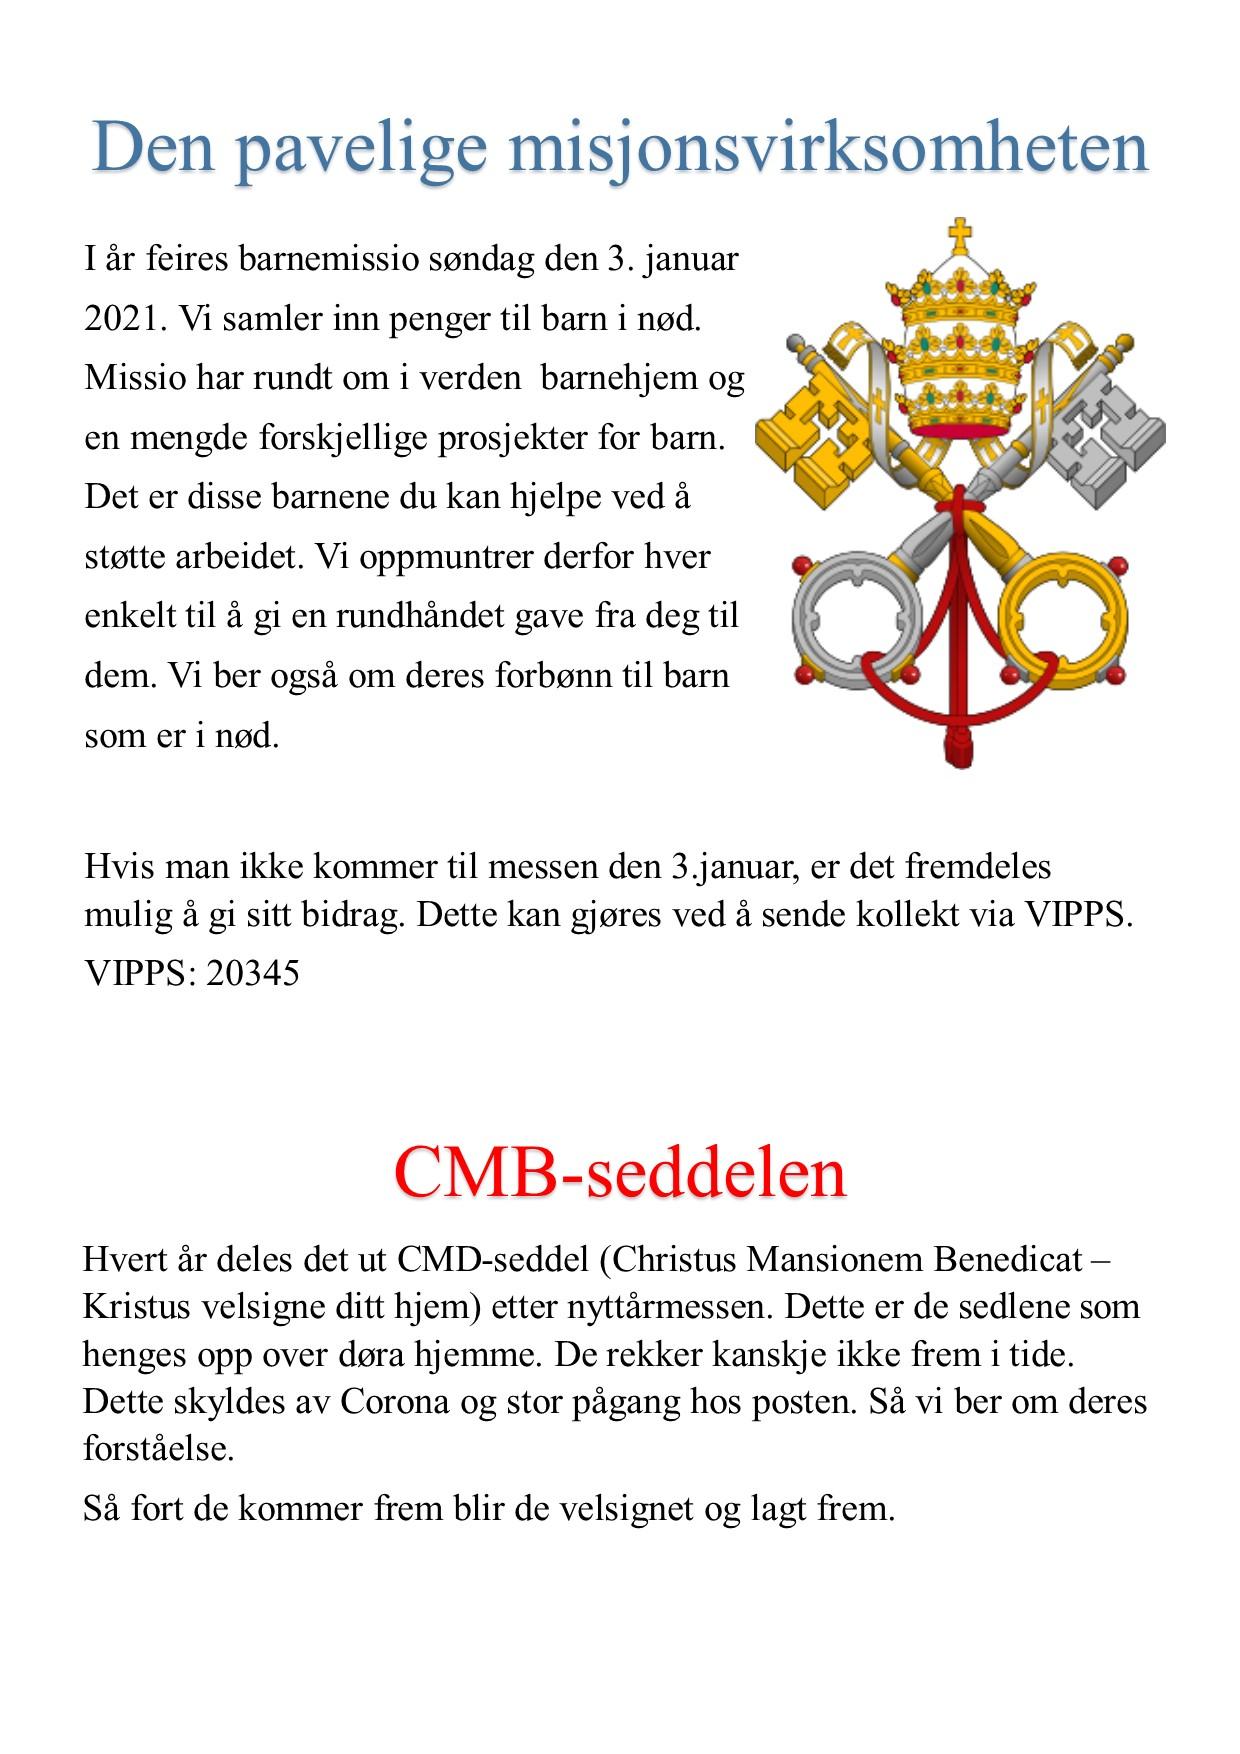 Den pavelige misjonsvirksomheten 3.januar